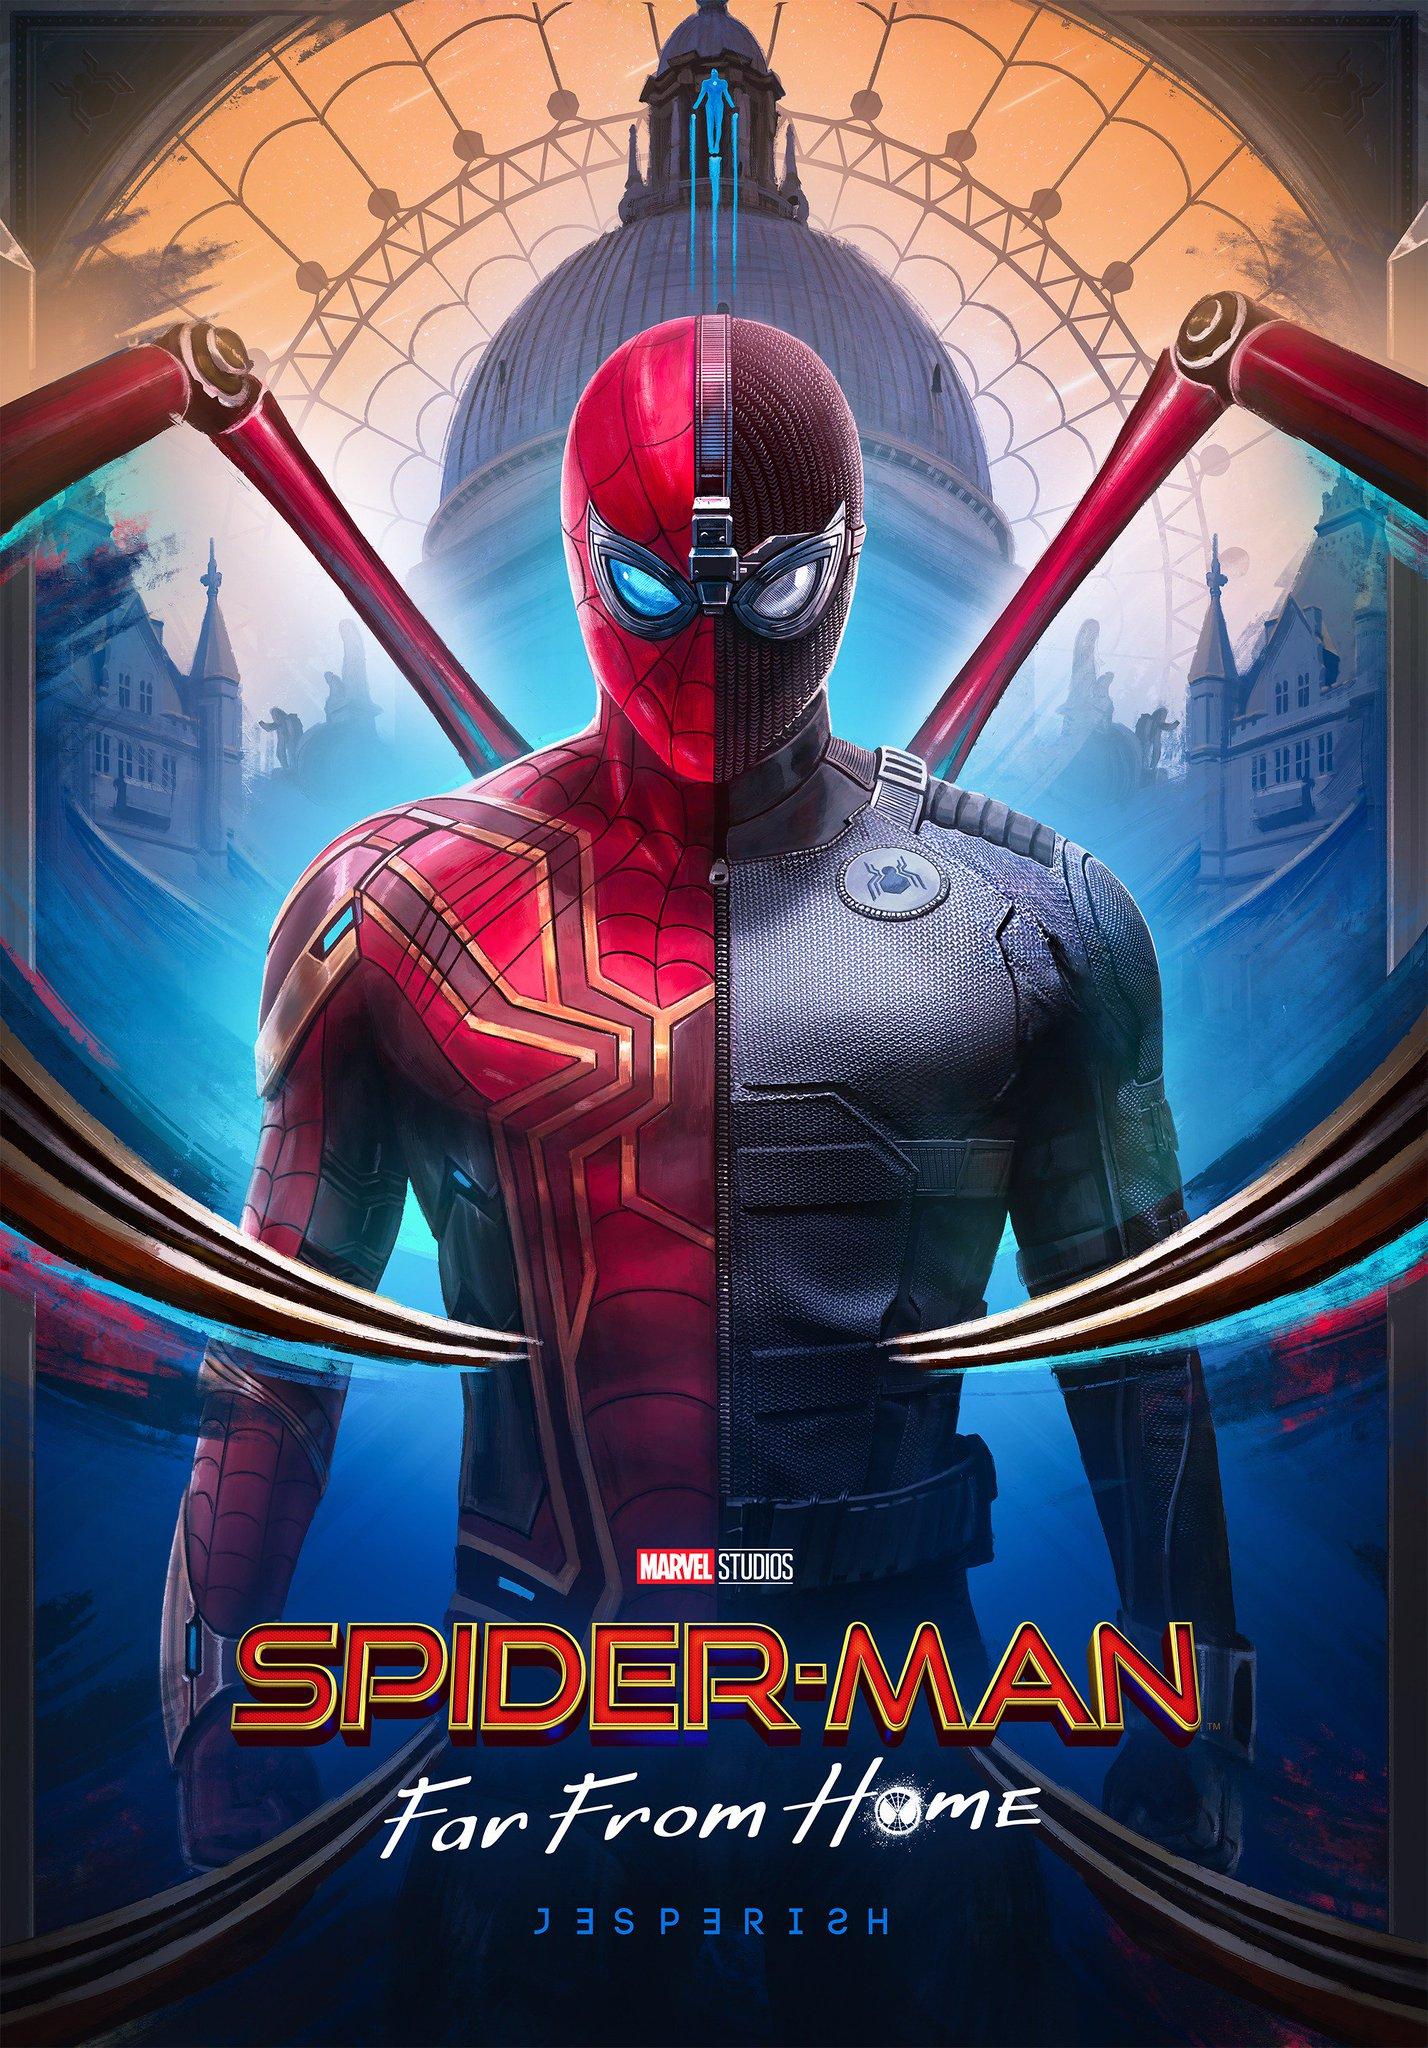 ผลการค้นหารูปภาพสำหรับ spiderman far from home